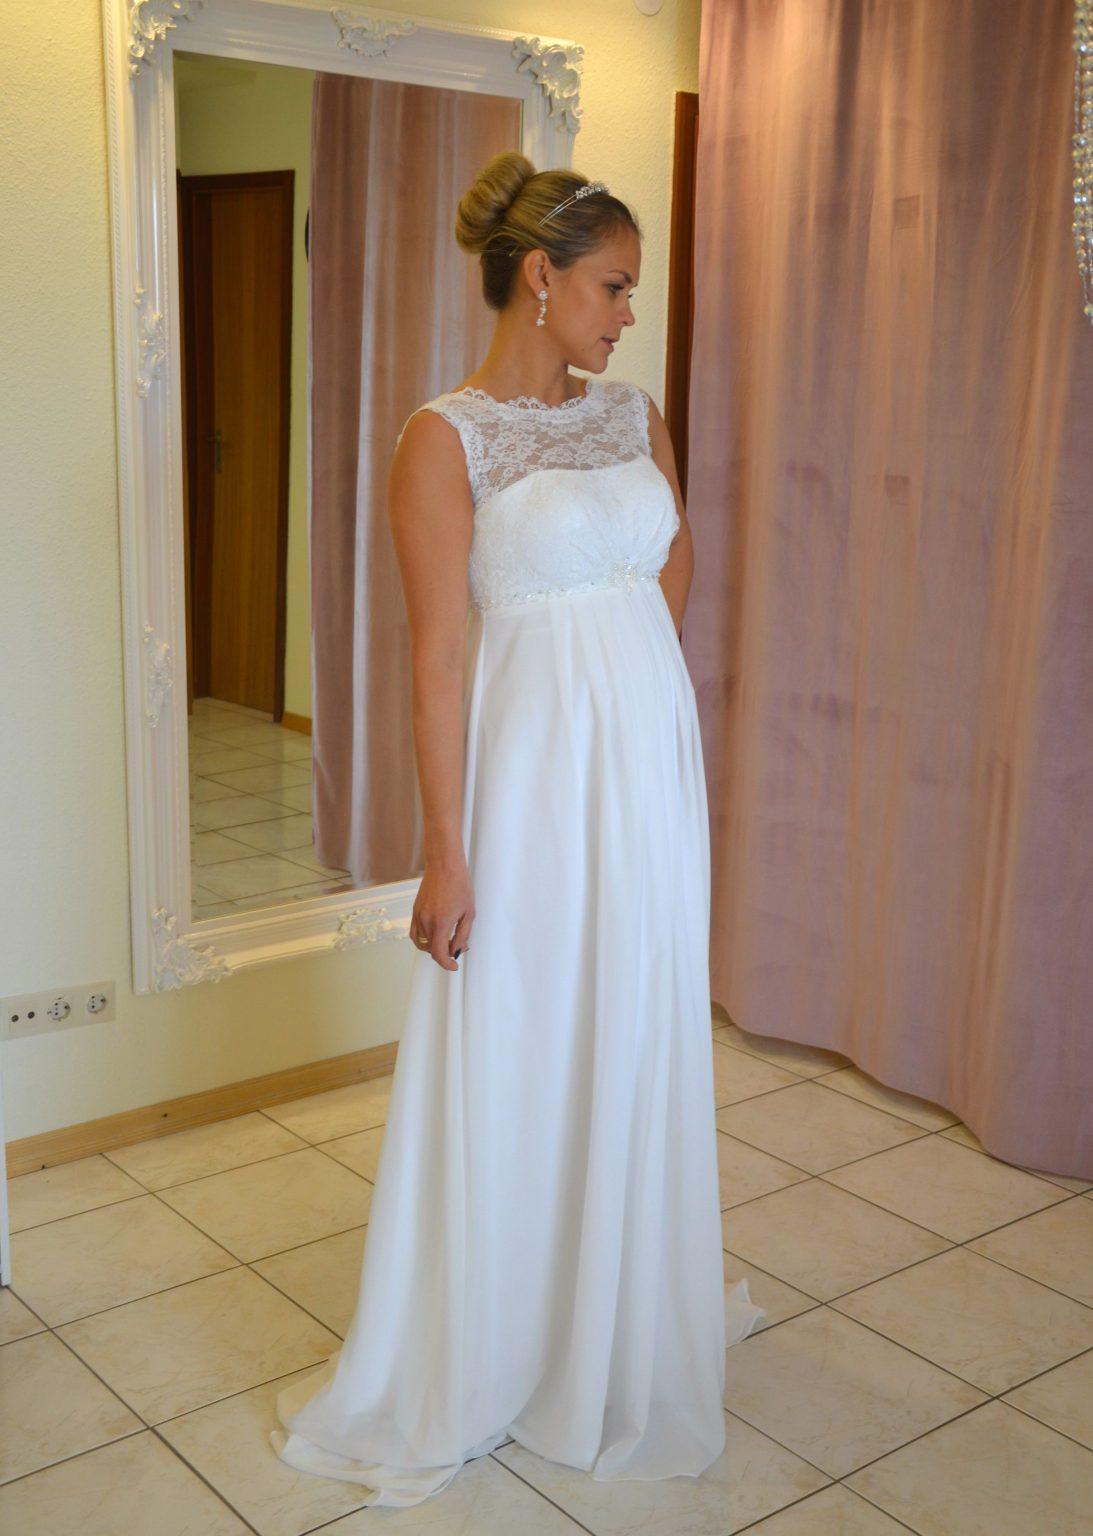 Vivienne Brautkleid Kurz  Brautkleid Kurz Brautkleid Und